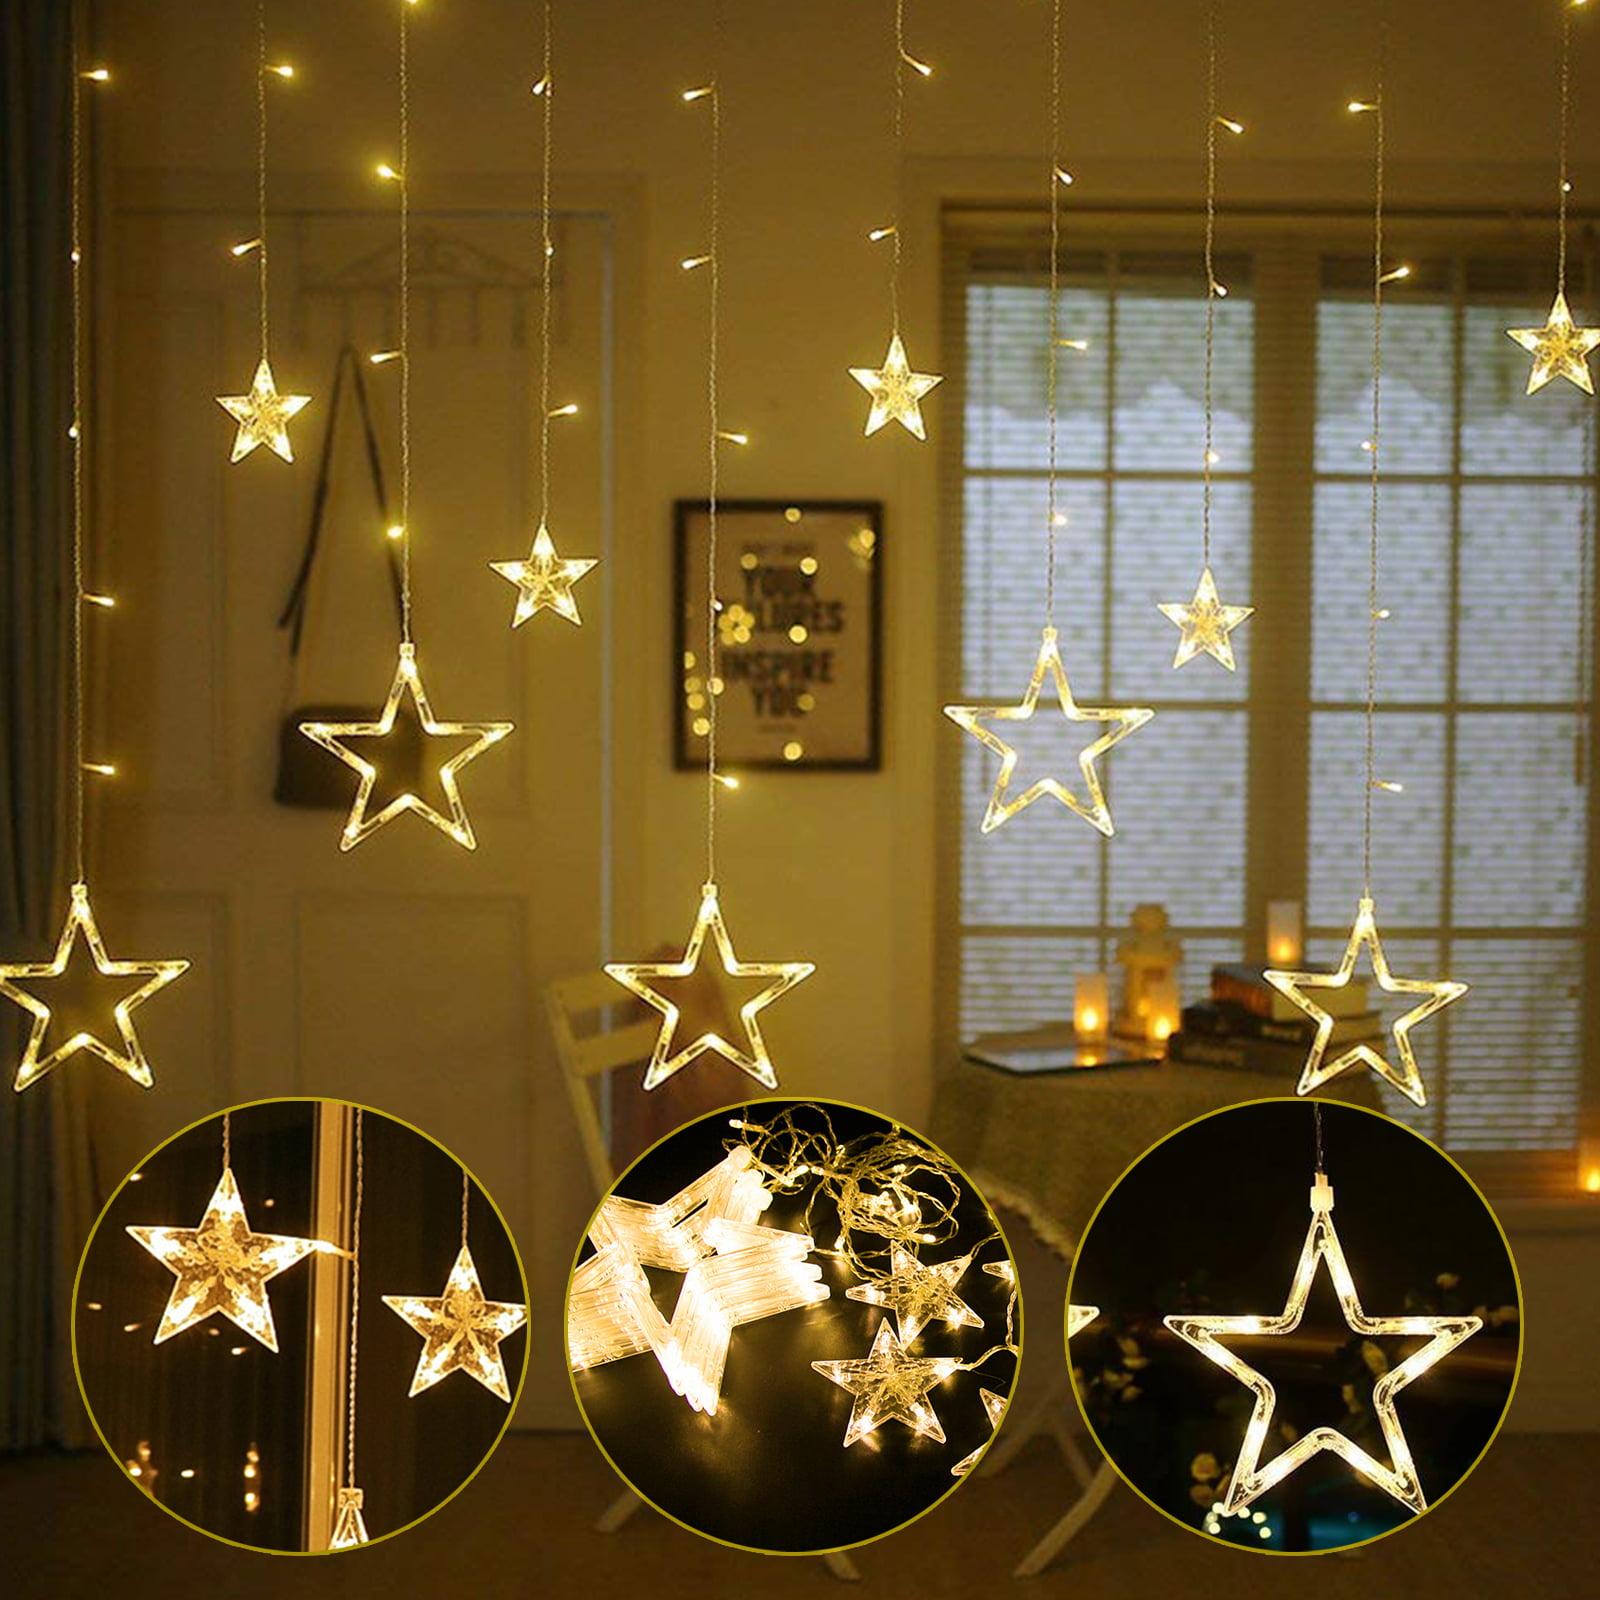 LED Star Curtain String Lights 12 Stars Window Xmas Christmas Wedding Room Décor